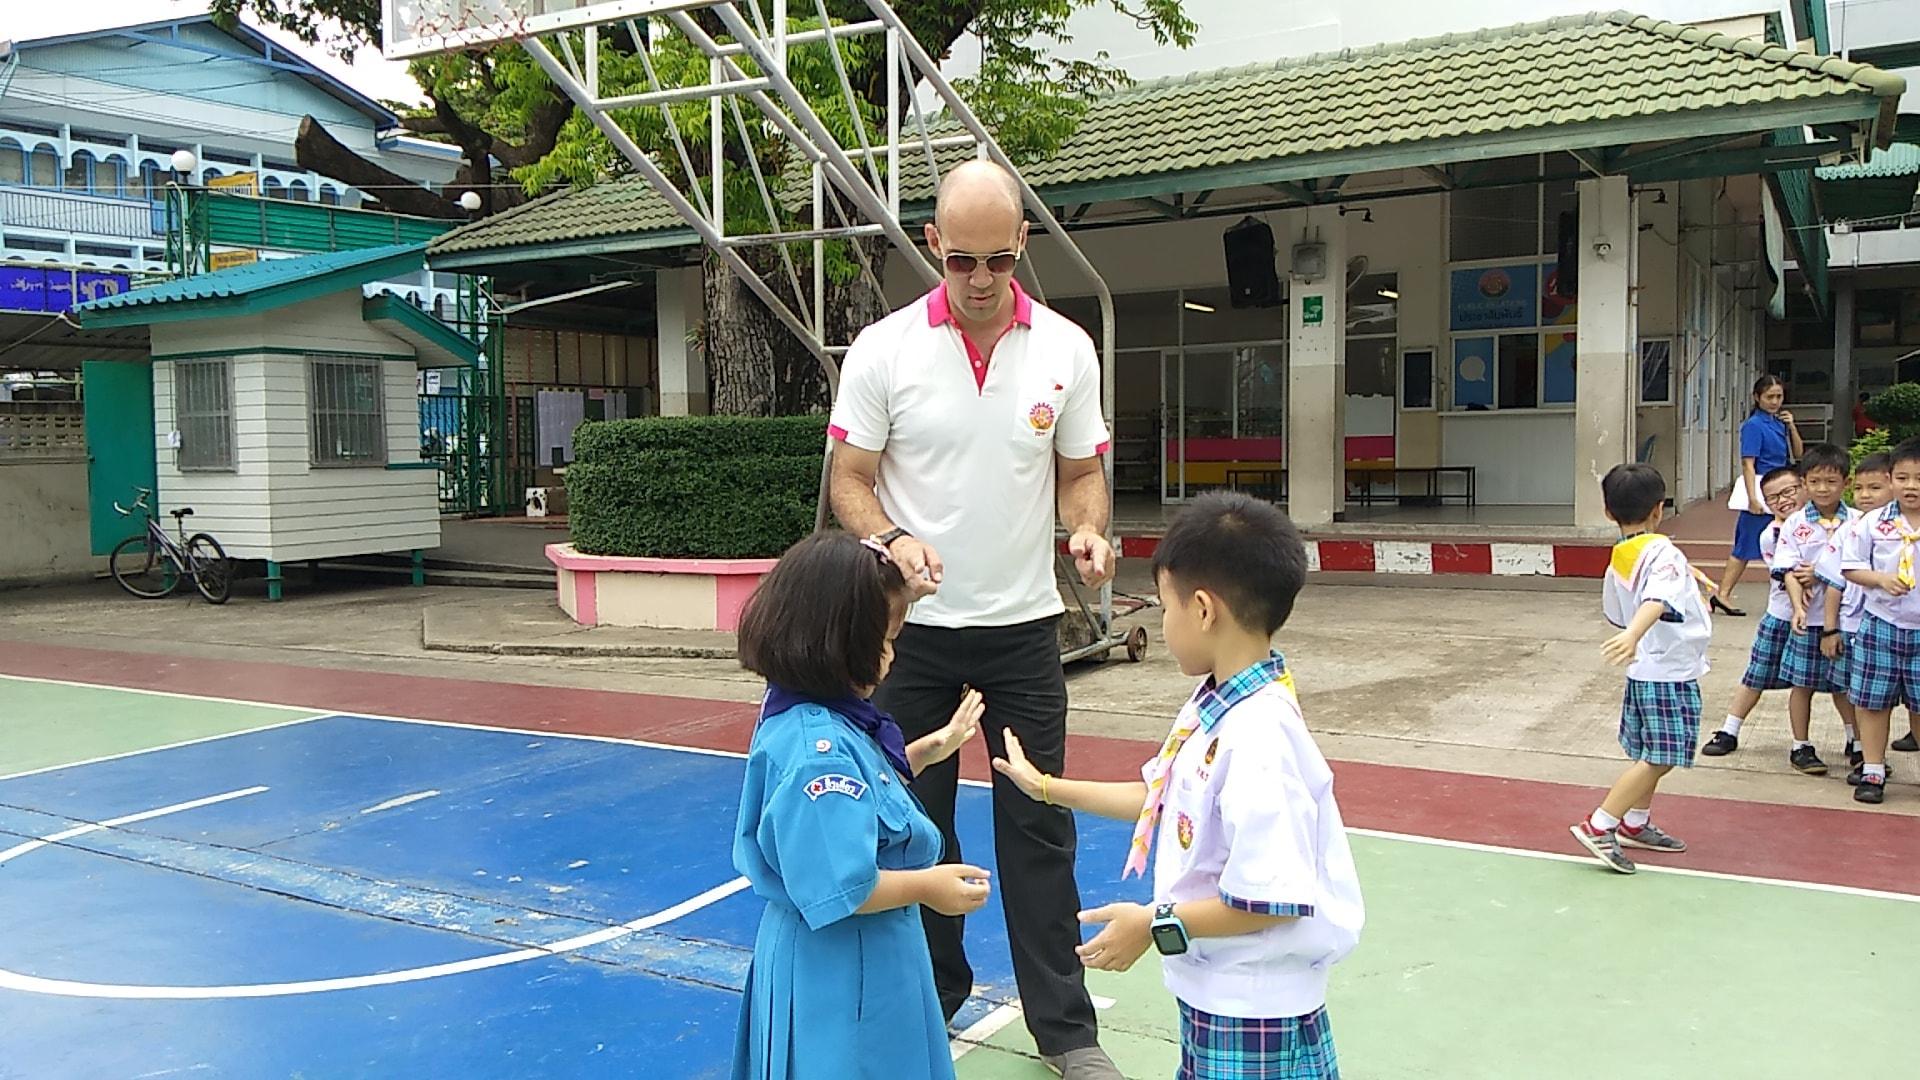 HKB2 Kinder 5.jpg